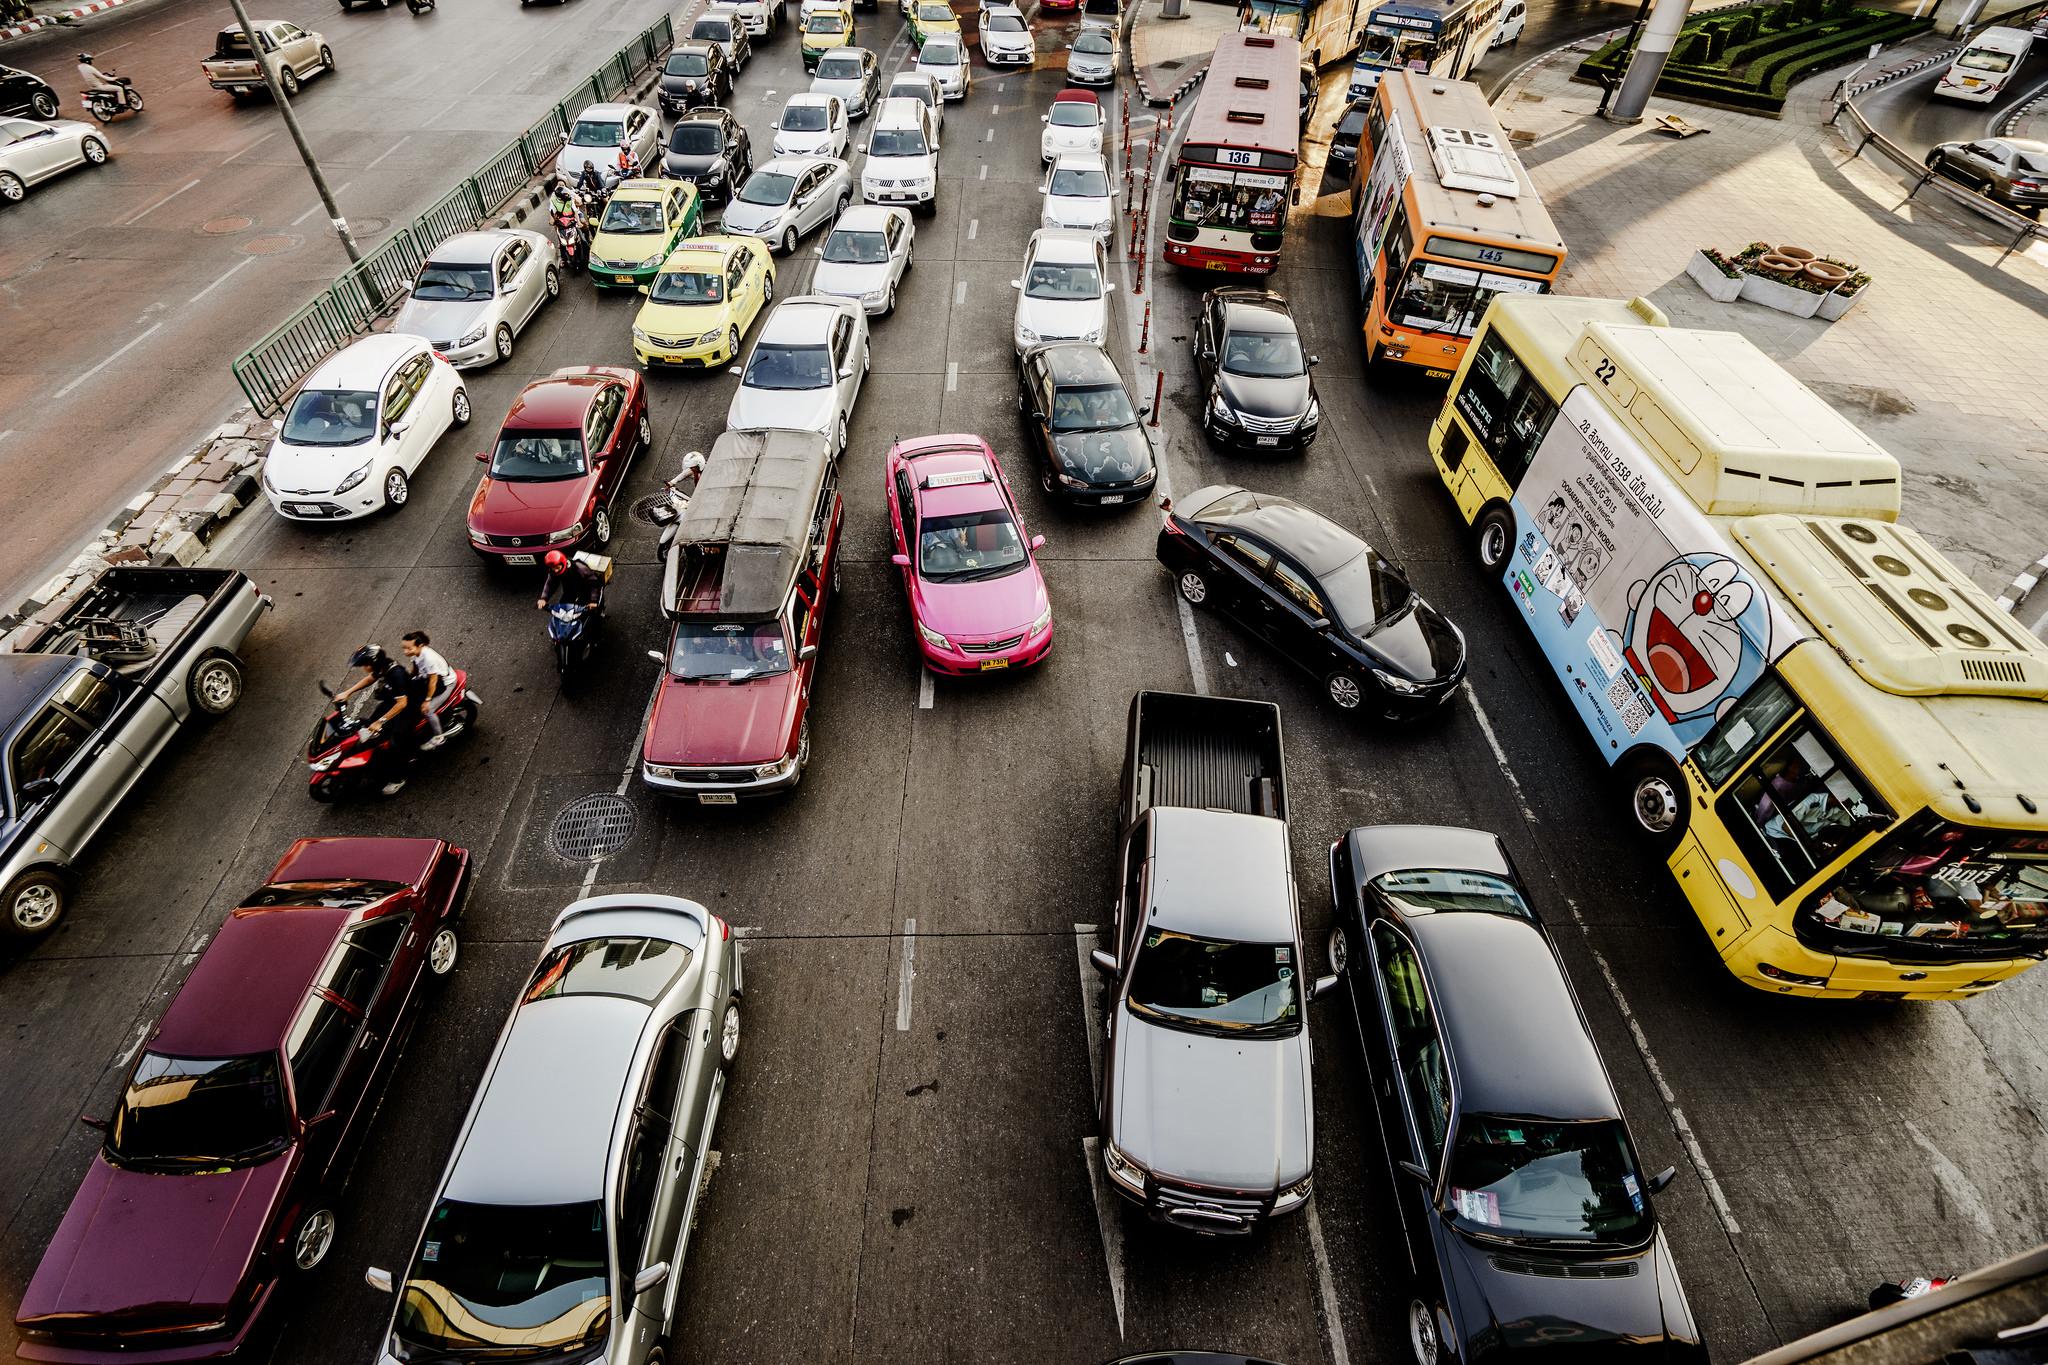 Les ventes domestiques de voitures pourraient atteindre 980 000 unités cette année, selon les données de Toyota Thaïlande